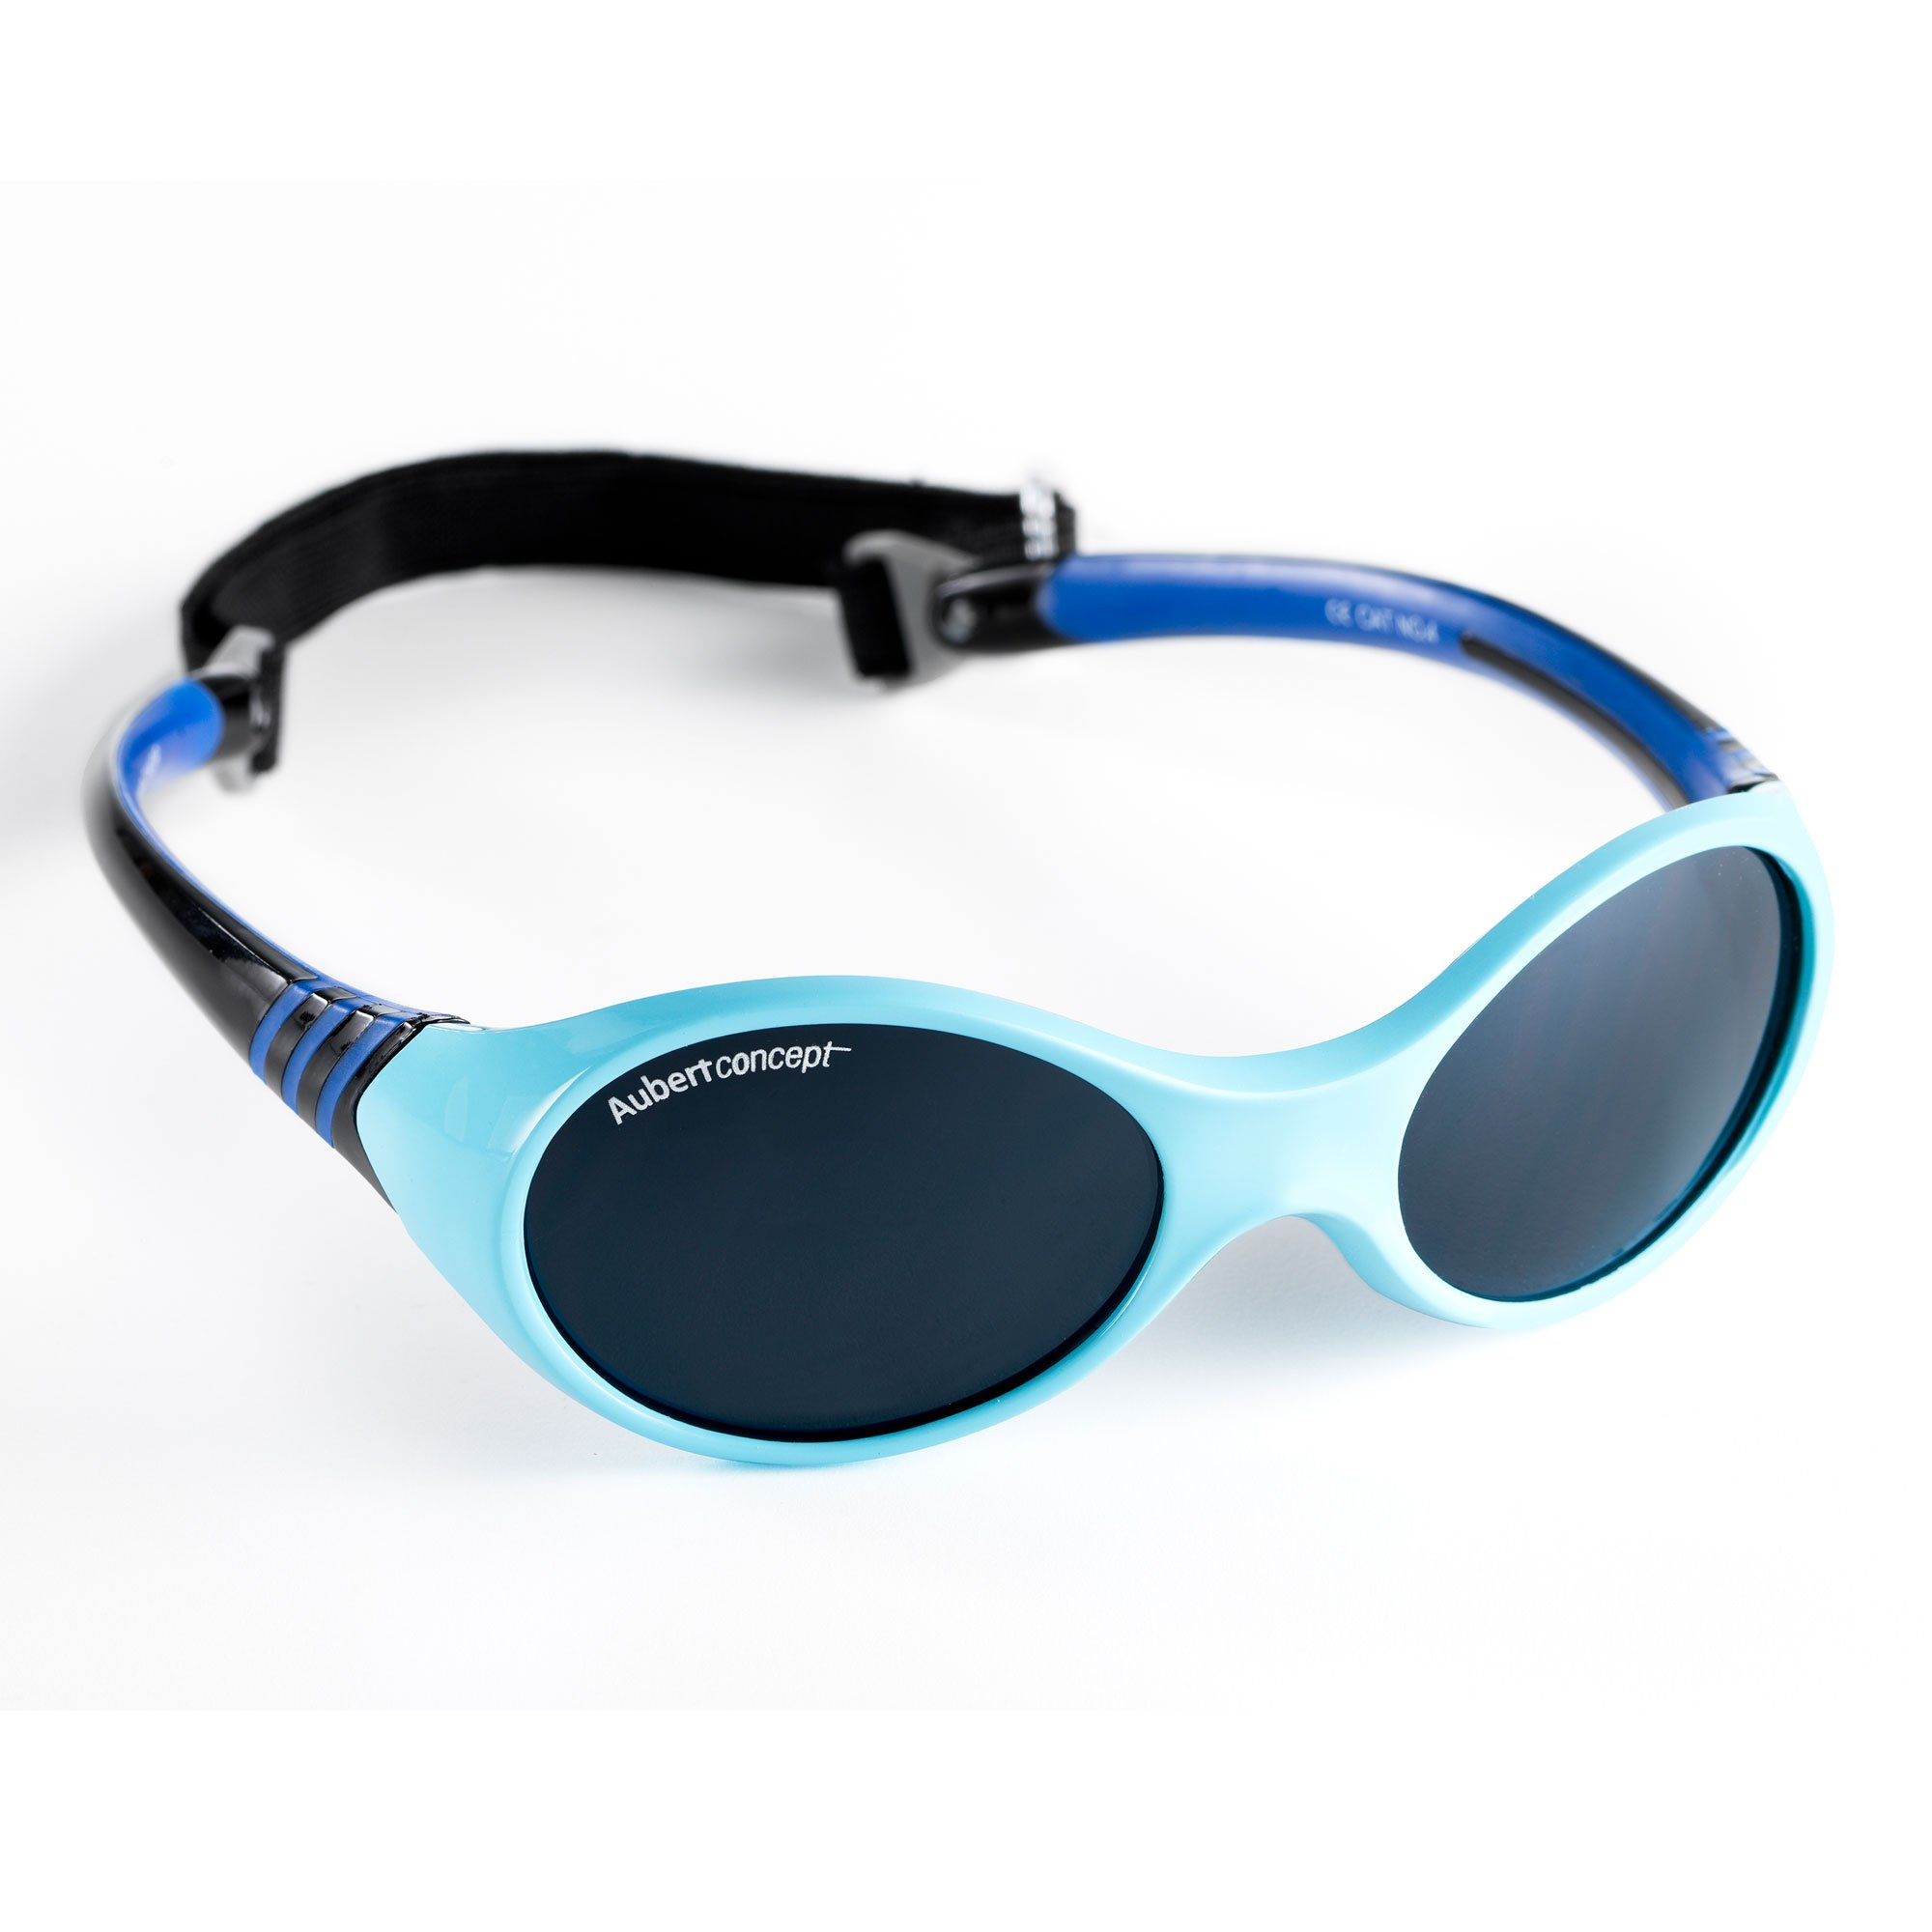 ca0c72a361698 Lunettes de soleil Baby Classic Bleu de Aubert concept